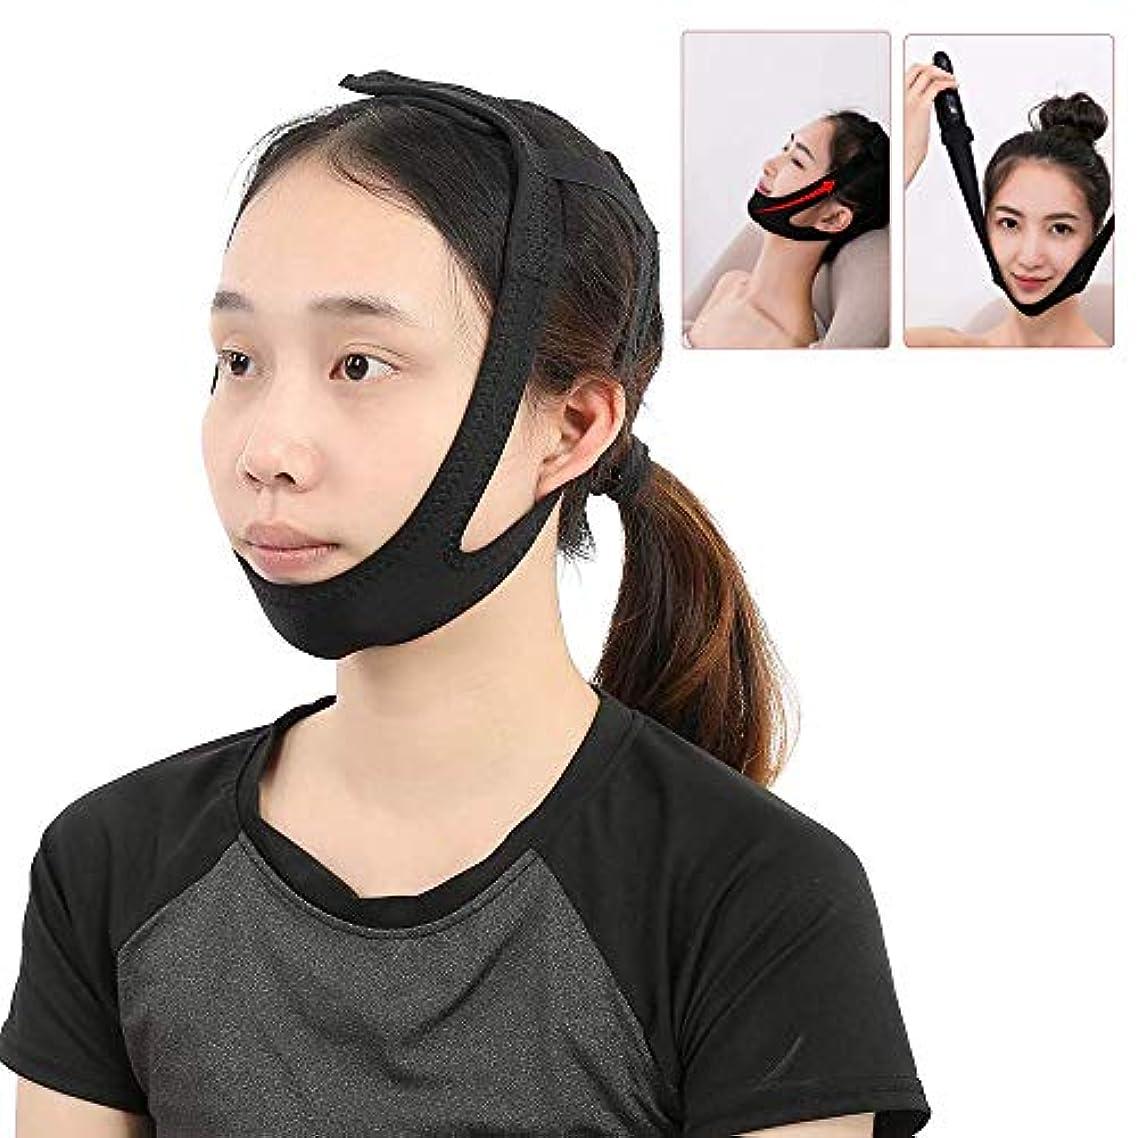 ソケットカロリー懐疑的Vラインフェイシャルスリミングベルト-フェイスリフトマスク-肌を引き締めるための顔補正シェーパー包帯、ダブルチンとアンチリンクルの除去